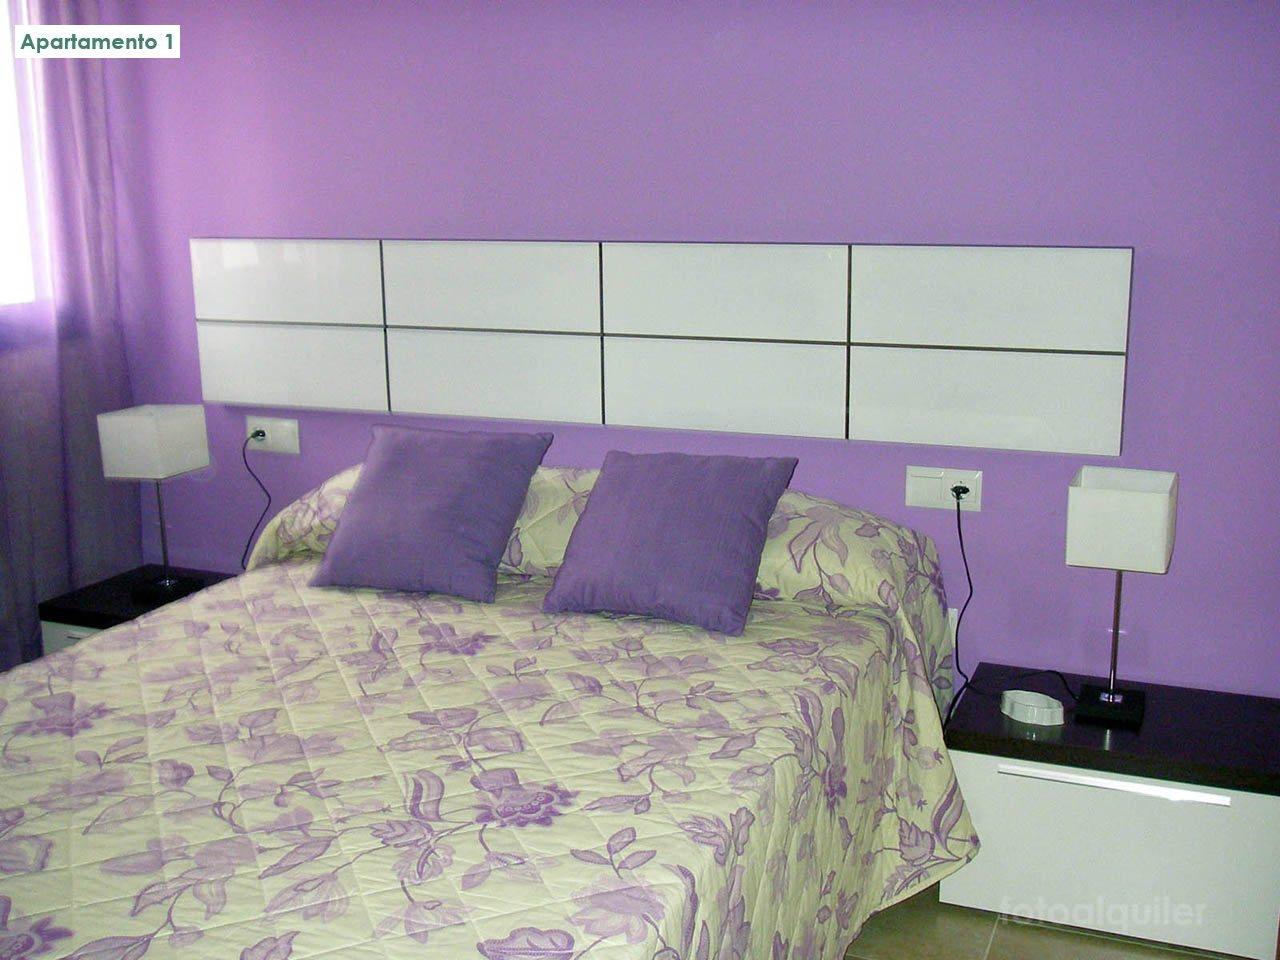 Alquiler de 2 apartamentos juntos en Costa Ballena, Residencial Tres Piedras